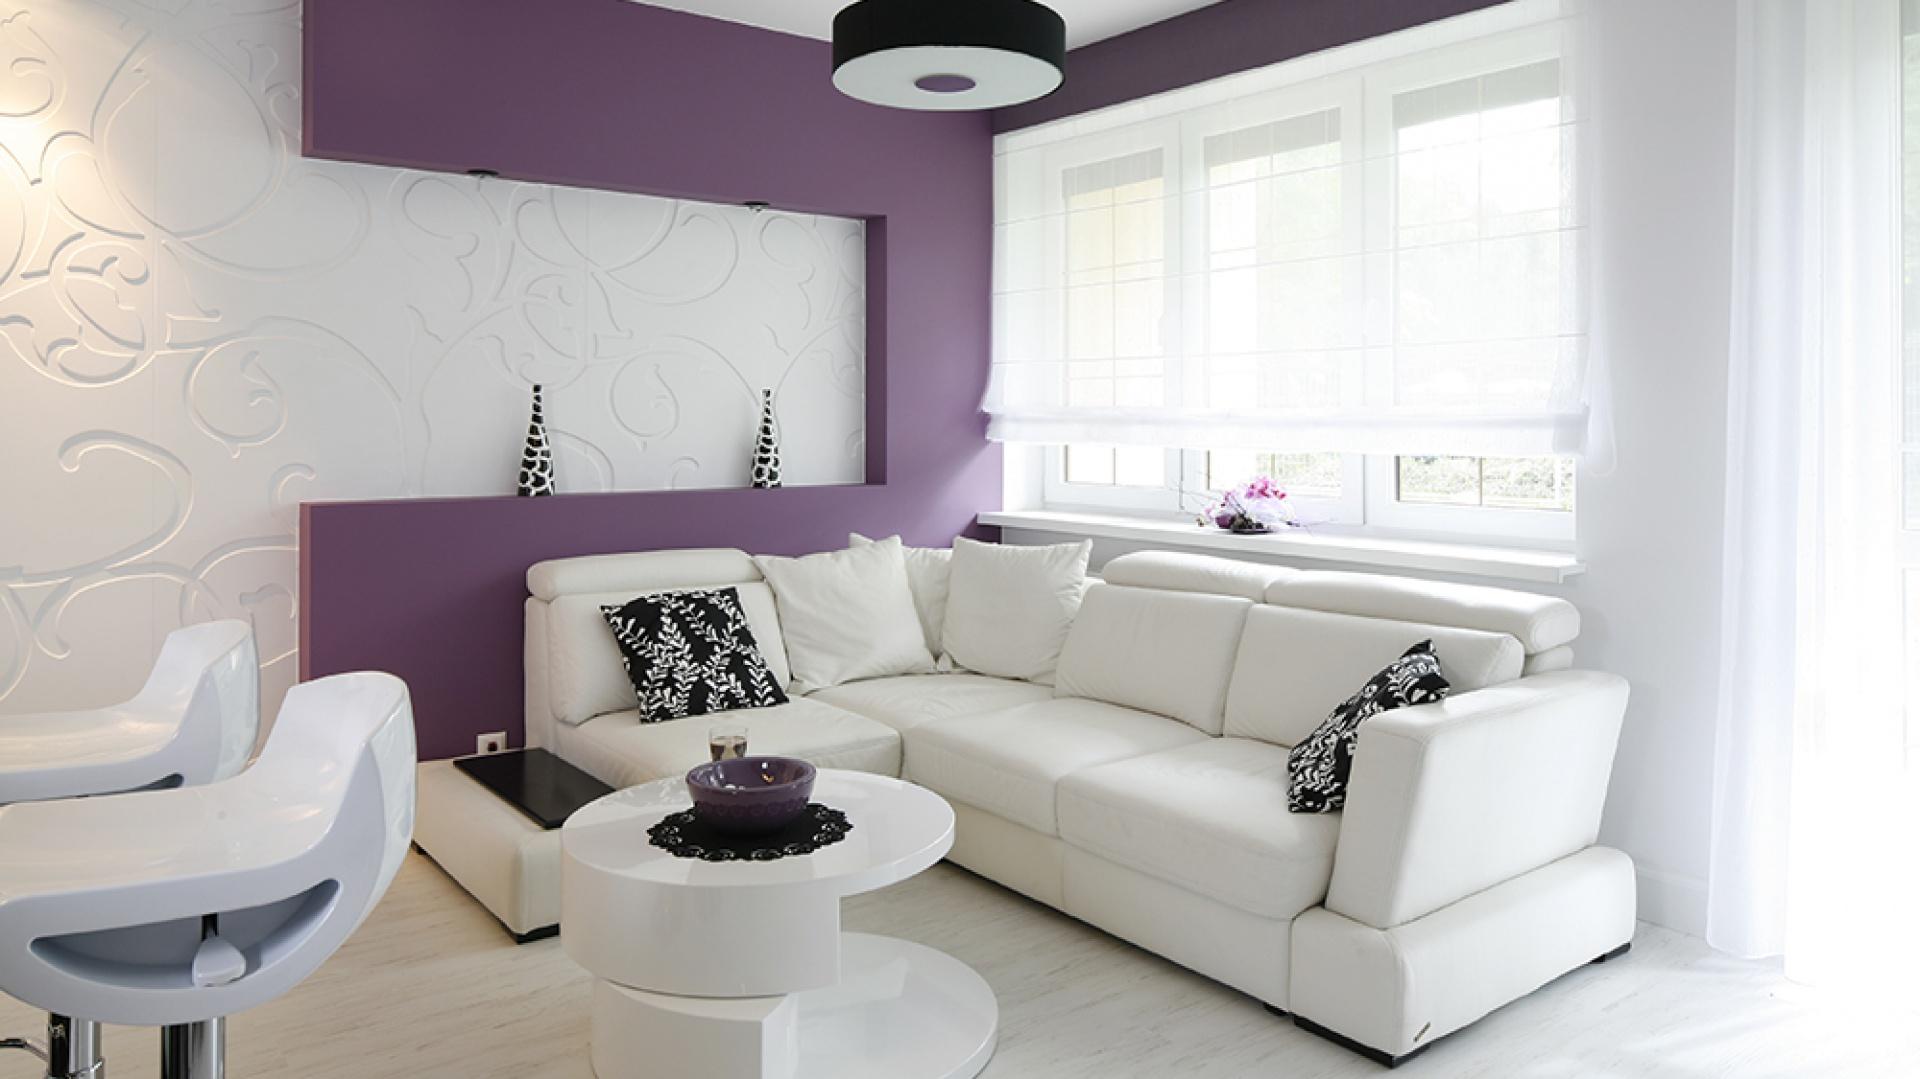 W salonie dominuje duża narożna kanapa wykonana ze skóry naturalnej (Play, Gala Meble). Wprowadzony w postaci gipsowej ścianki o zabawnym, geometrycznym kształcie wrzos stanowi dla niej mocno zaakcentowane, ożywcze tło. Fot. Bartosz Jarosz.